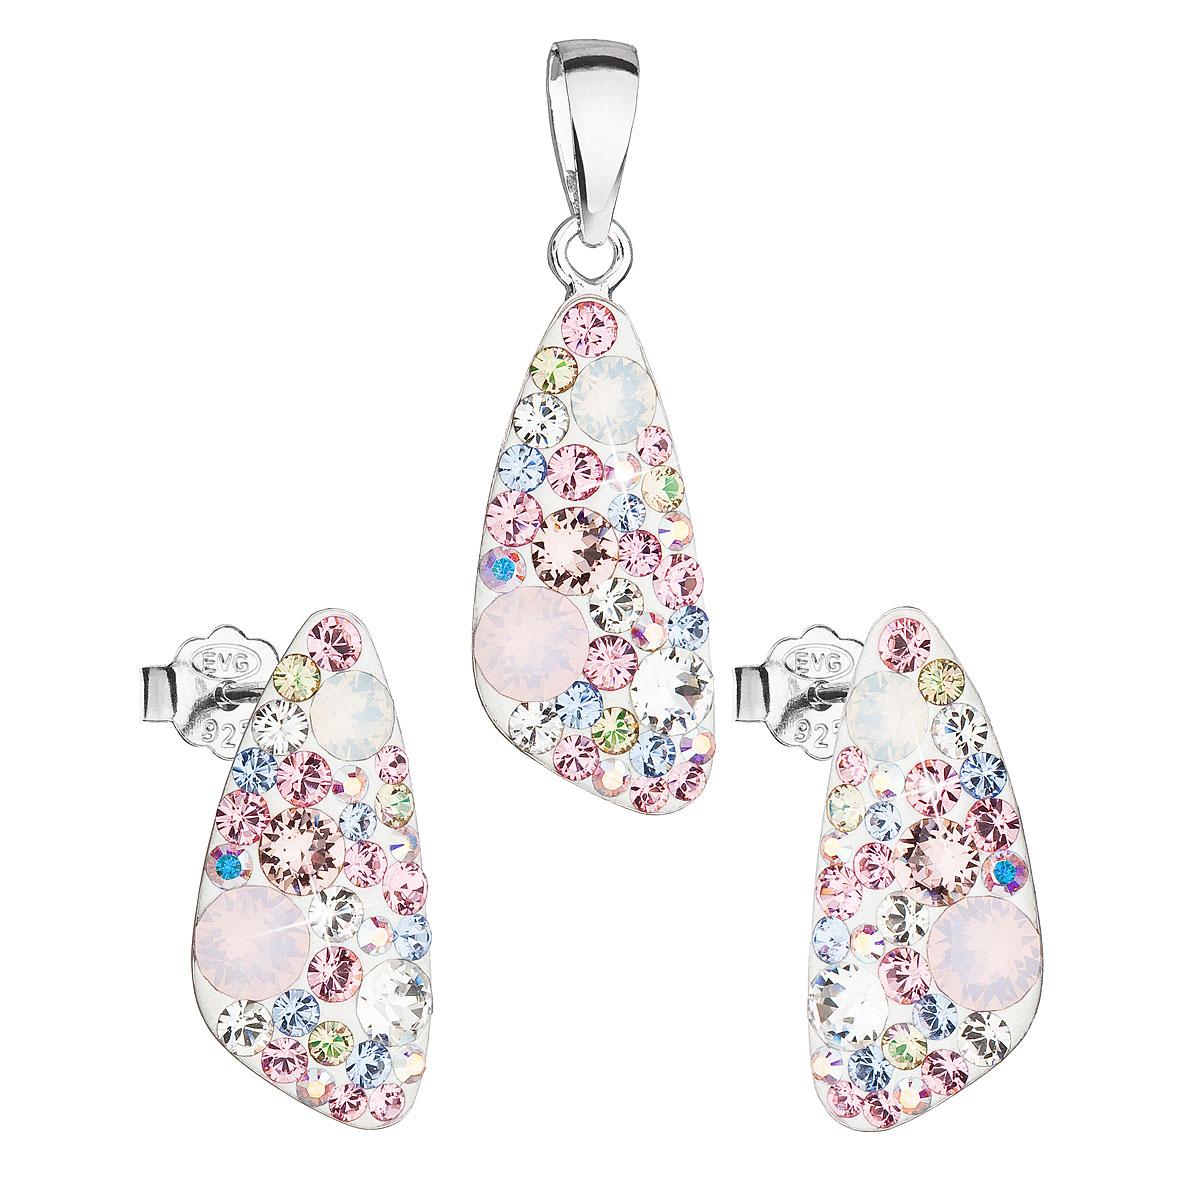 Sada šperkov s krištáľmi Swarovski náušnice a prívesok mix farieb ružový 39167.3 magic rose